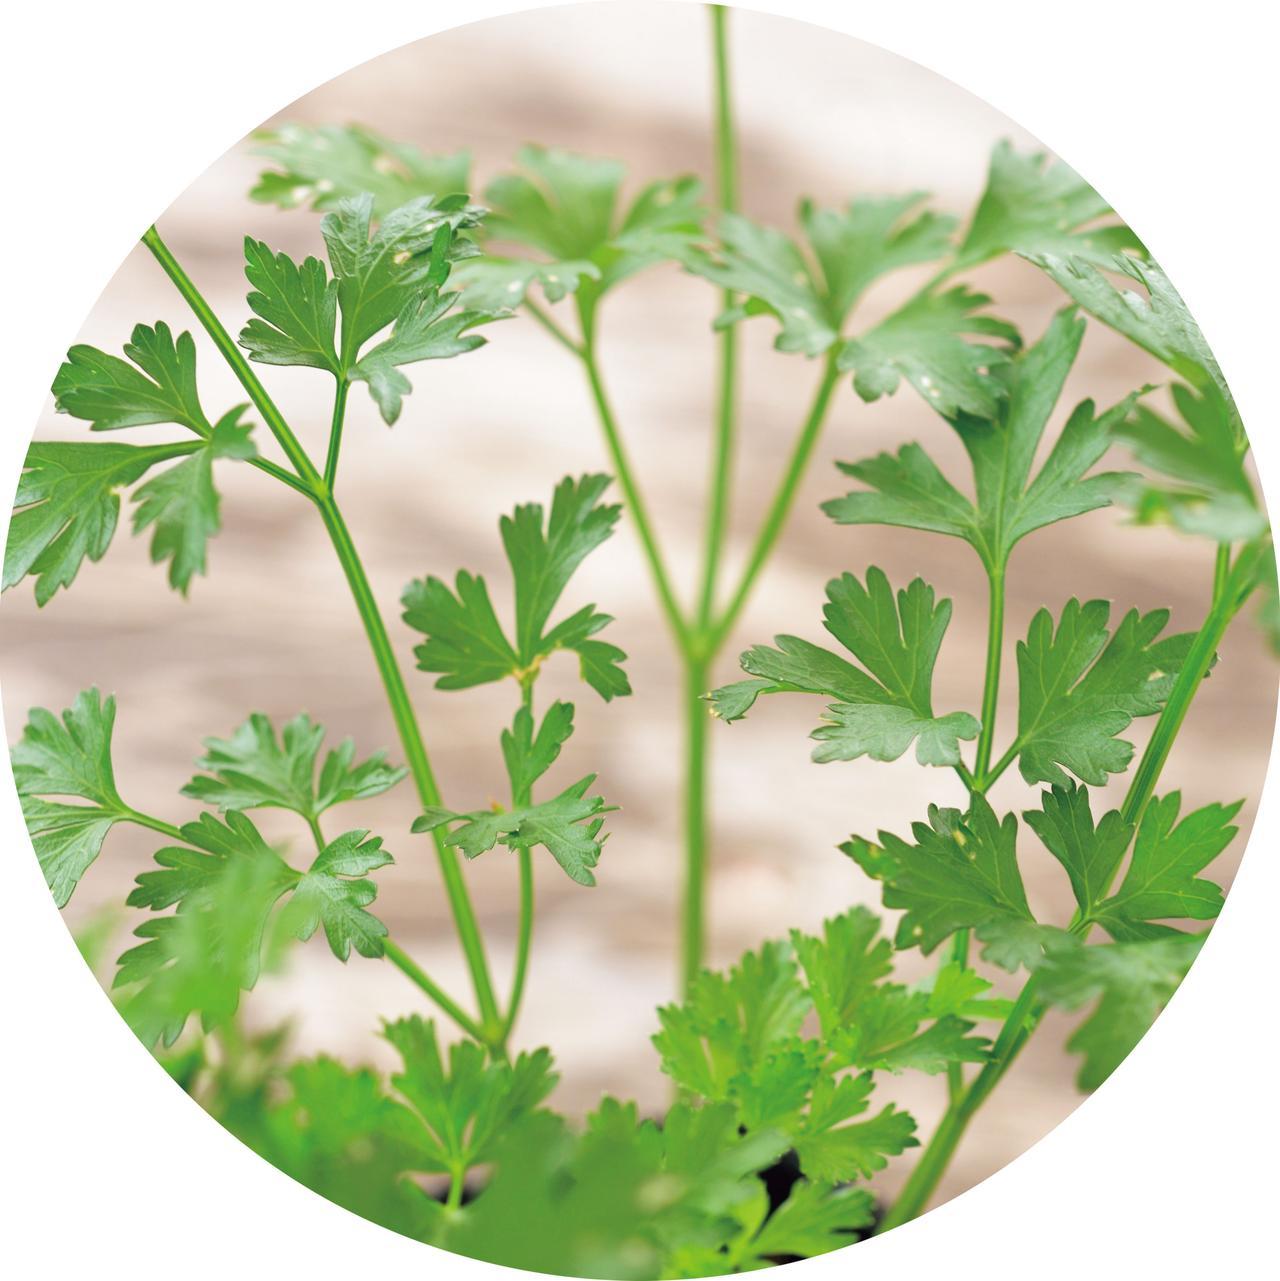 画像: イタリアンパセリ ヨーロッパ、西アジアなどが原産。日なたから半日陰で風通しのよいところを好む。乾燥には比較的強い。花芽を摘むことで、より長く収穫できる